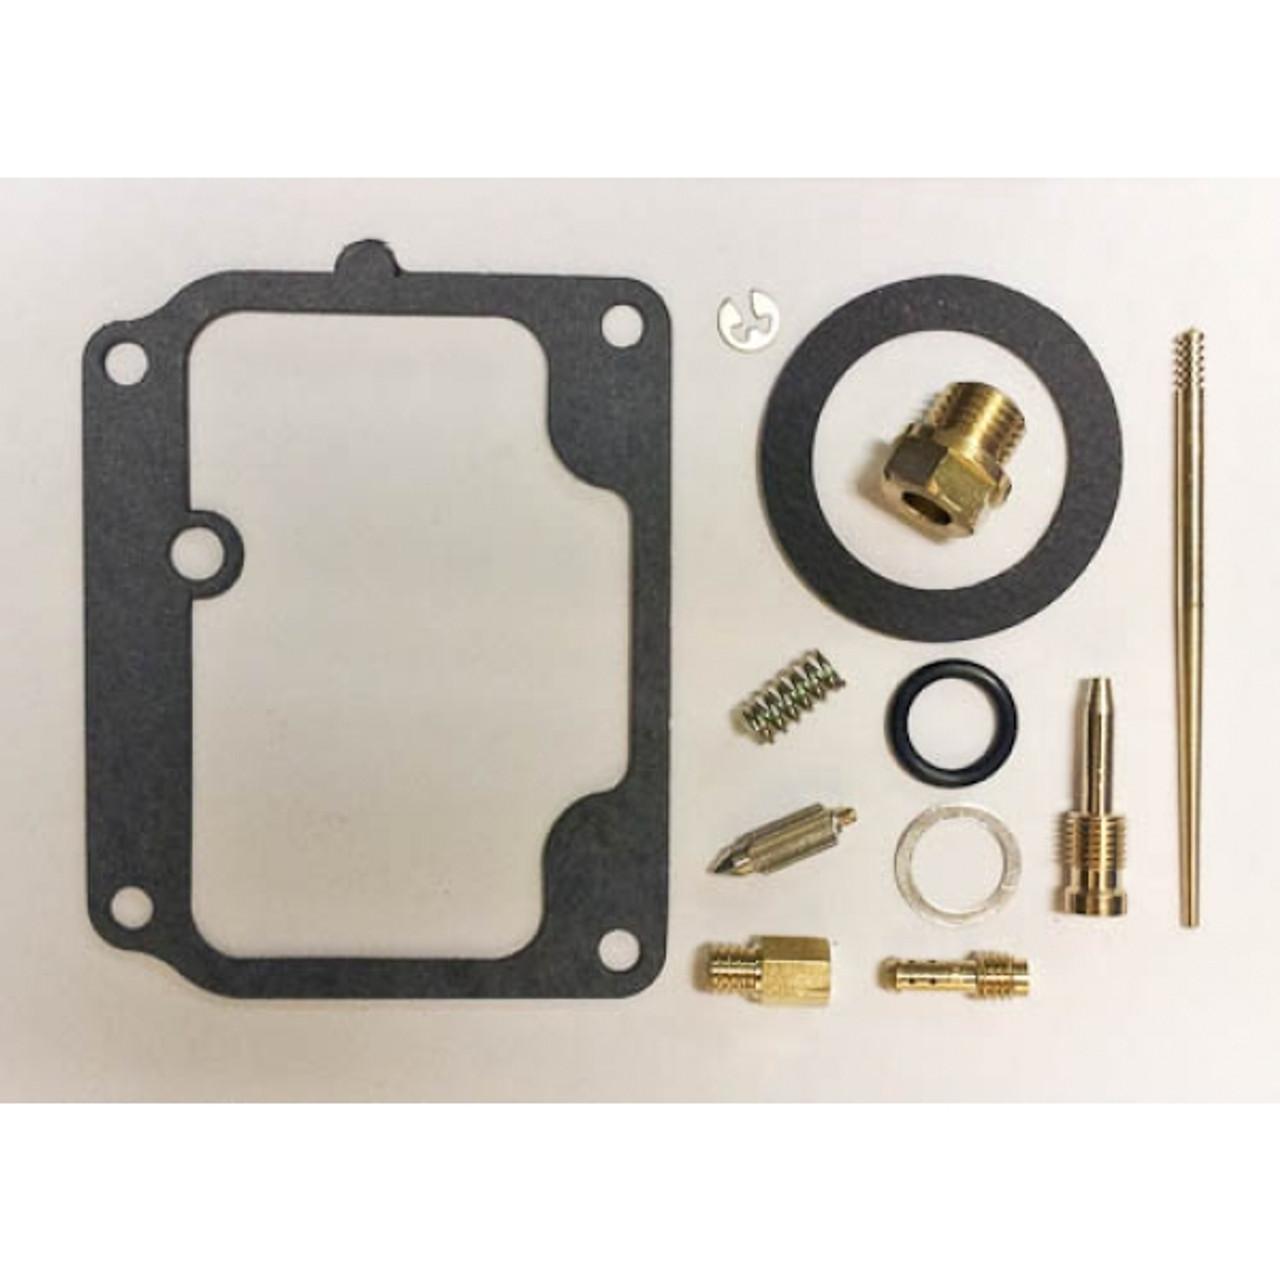 KR Carburetor Repair Kit x2 Yamaha rz350 RD 250 350 LC Carburetor Repair Kit